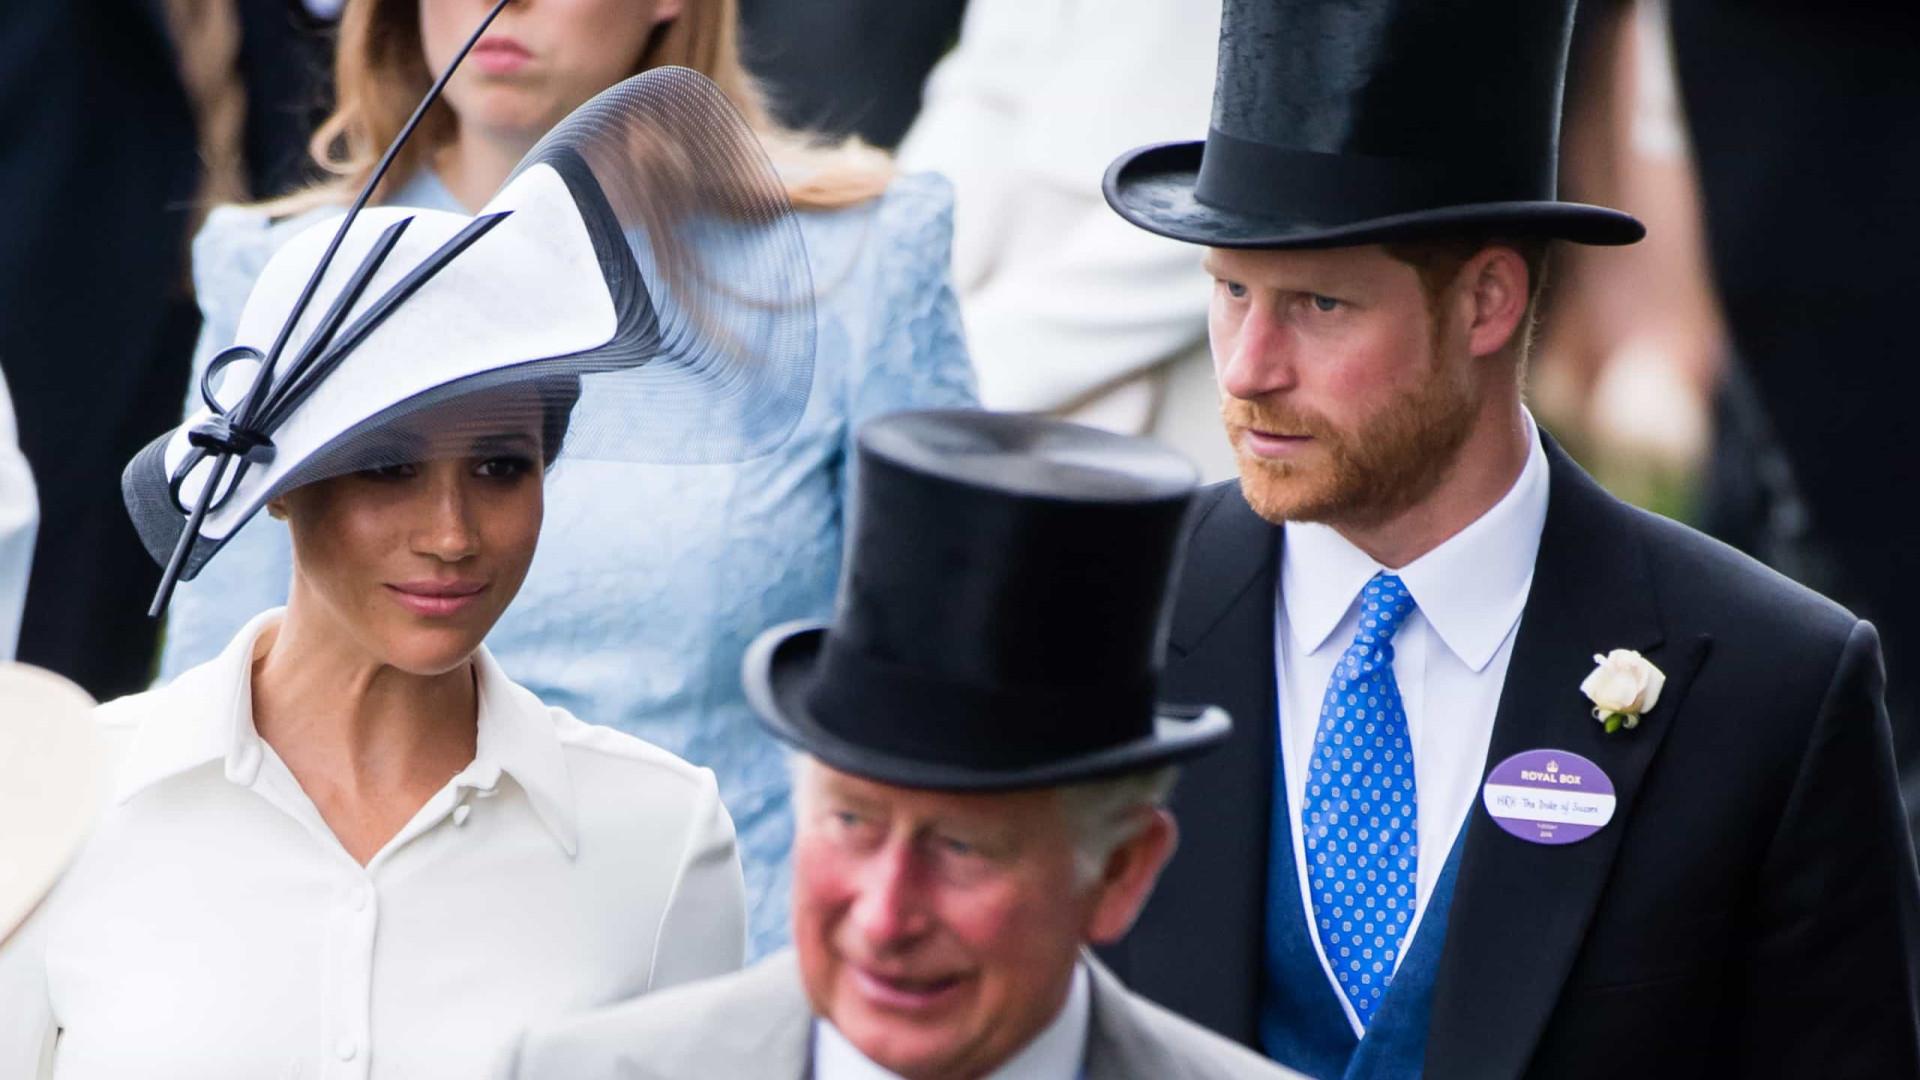 Príncipe Charles é acusado de 'desprezar' Meghan em mensagem pública